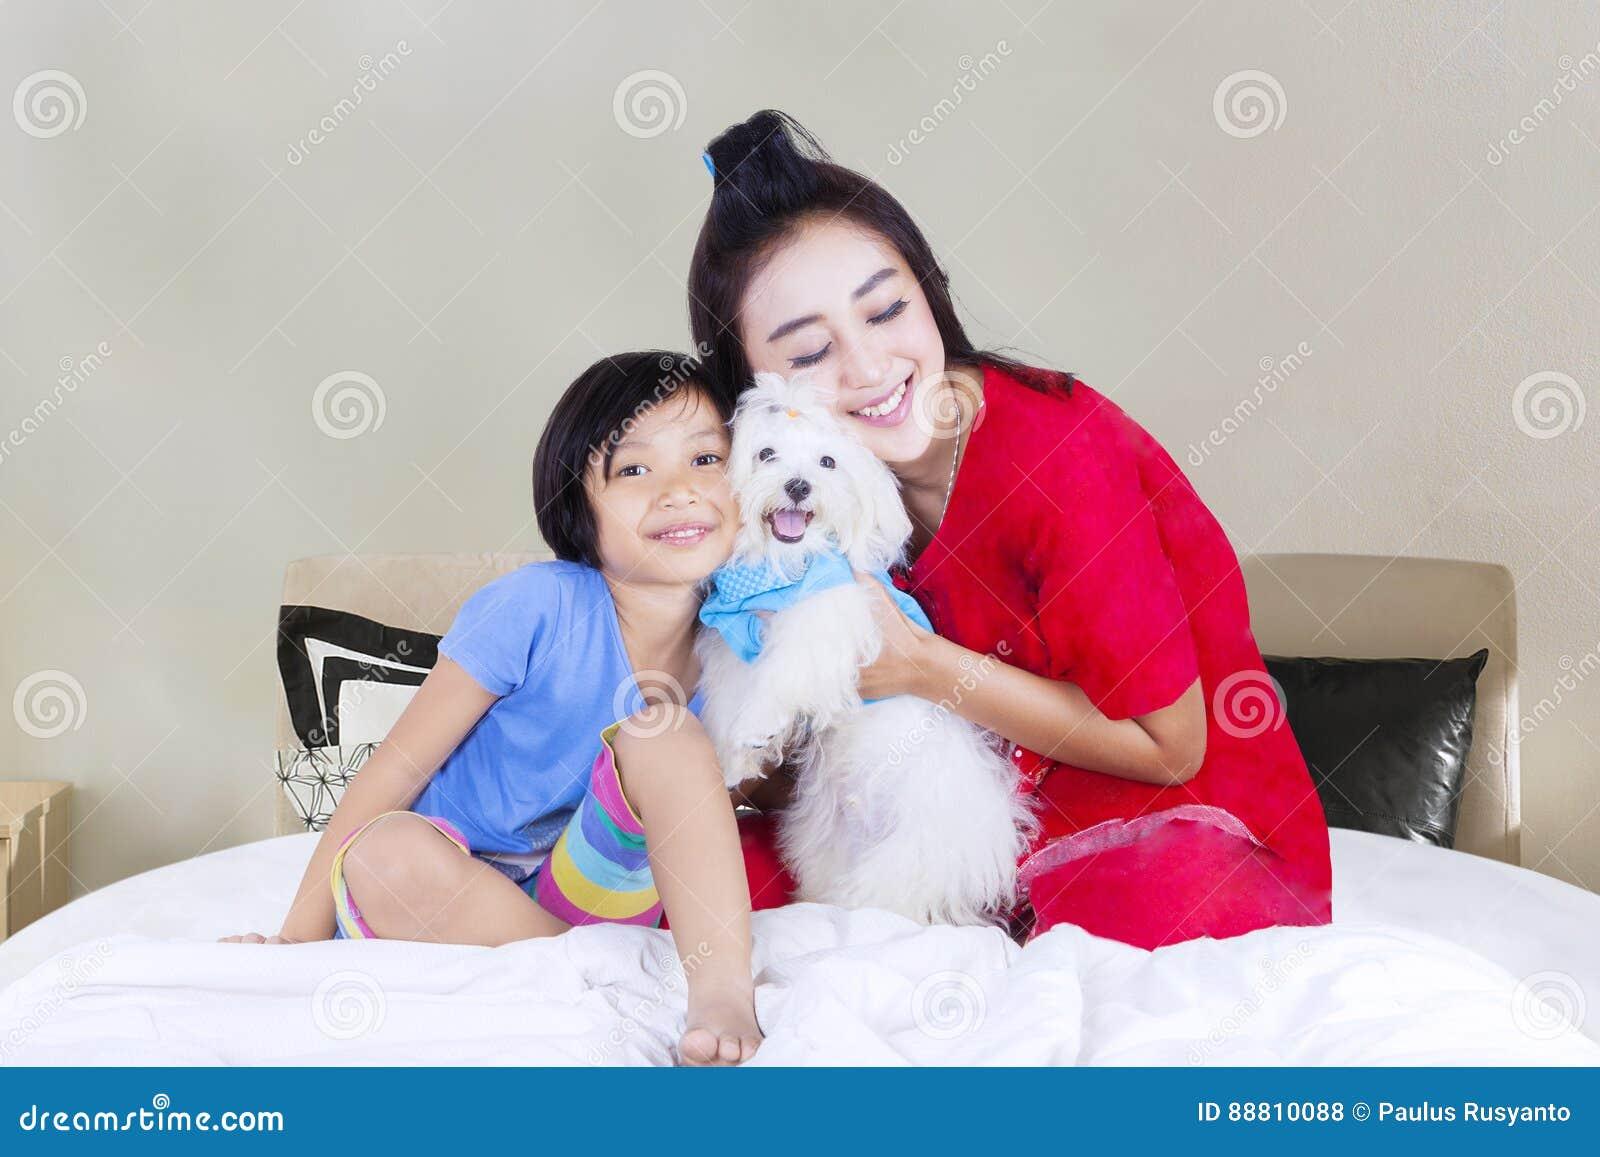 Mutter Und Tochter Mit Hund Im Schlafzimmer Stockfoto - Bild von ...